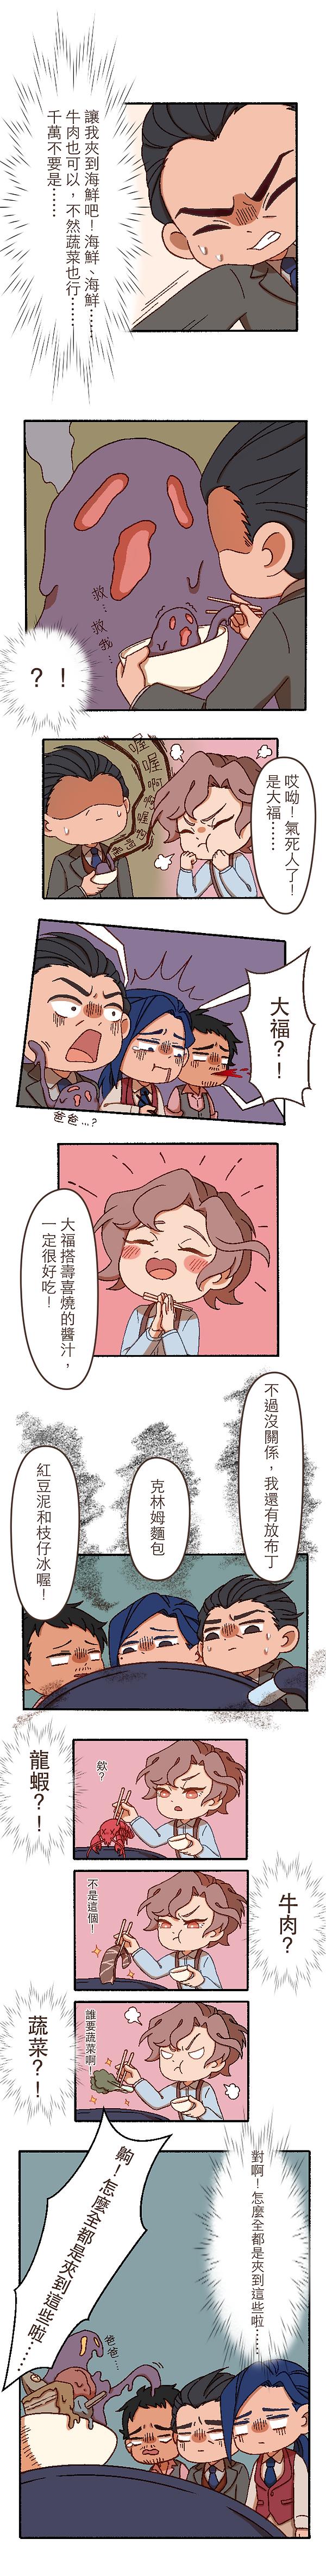 20壽喜燒-4.png